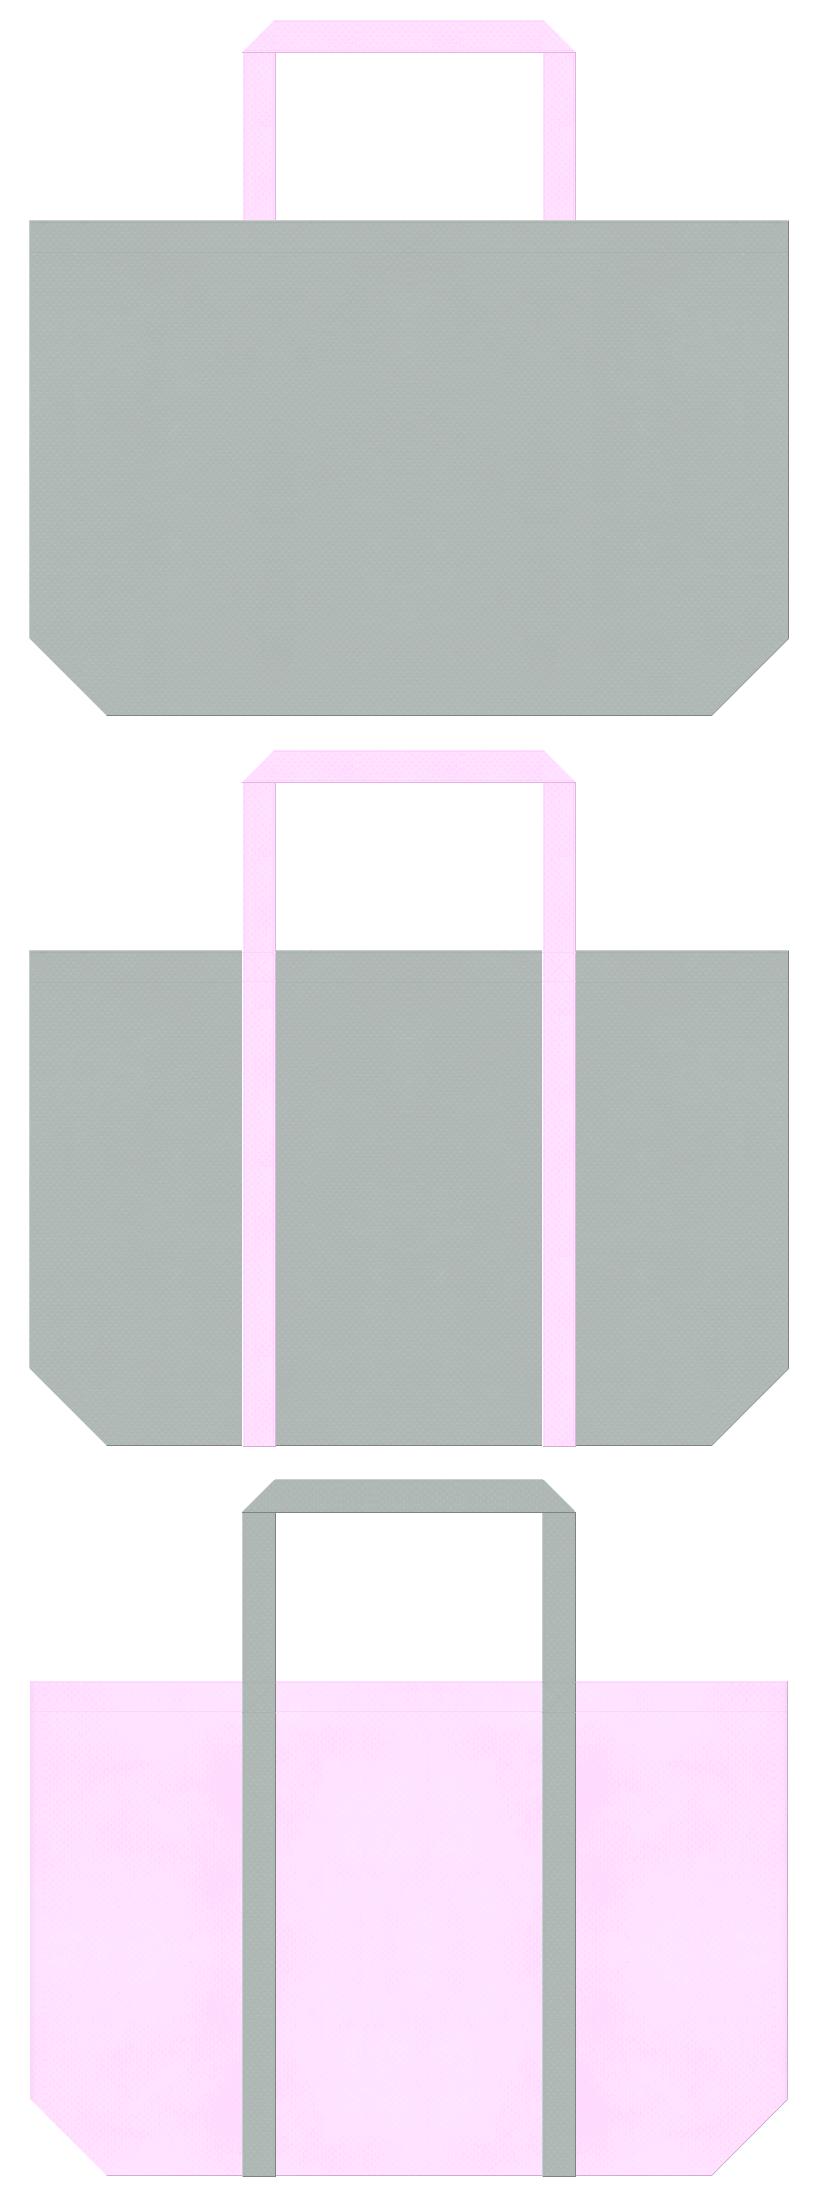 グレー色と明るいピンク色の不織布エコバッグのデザイン。事務服のイメージにお奨めの配色です。